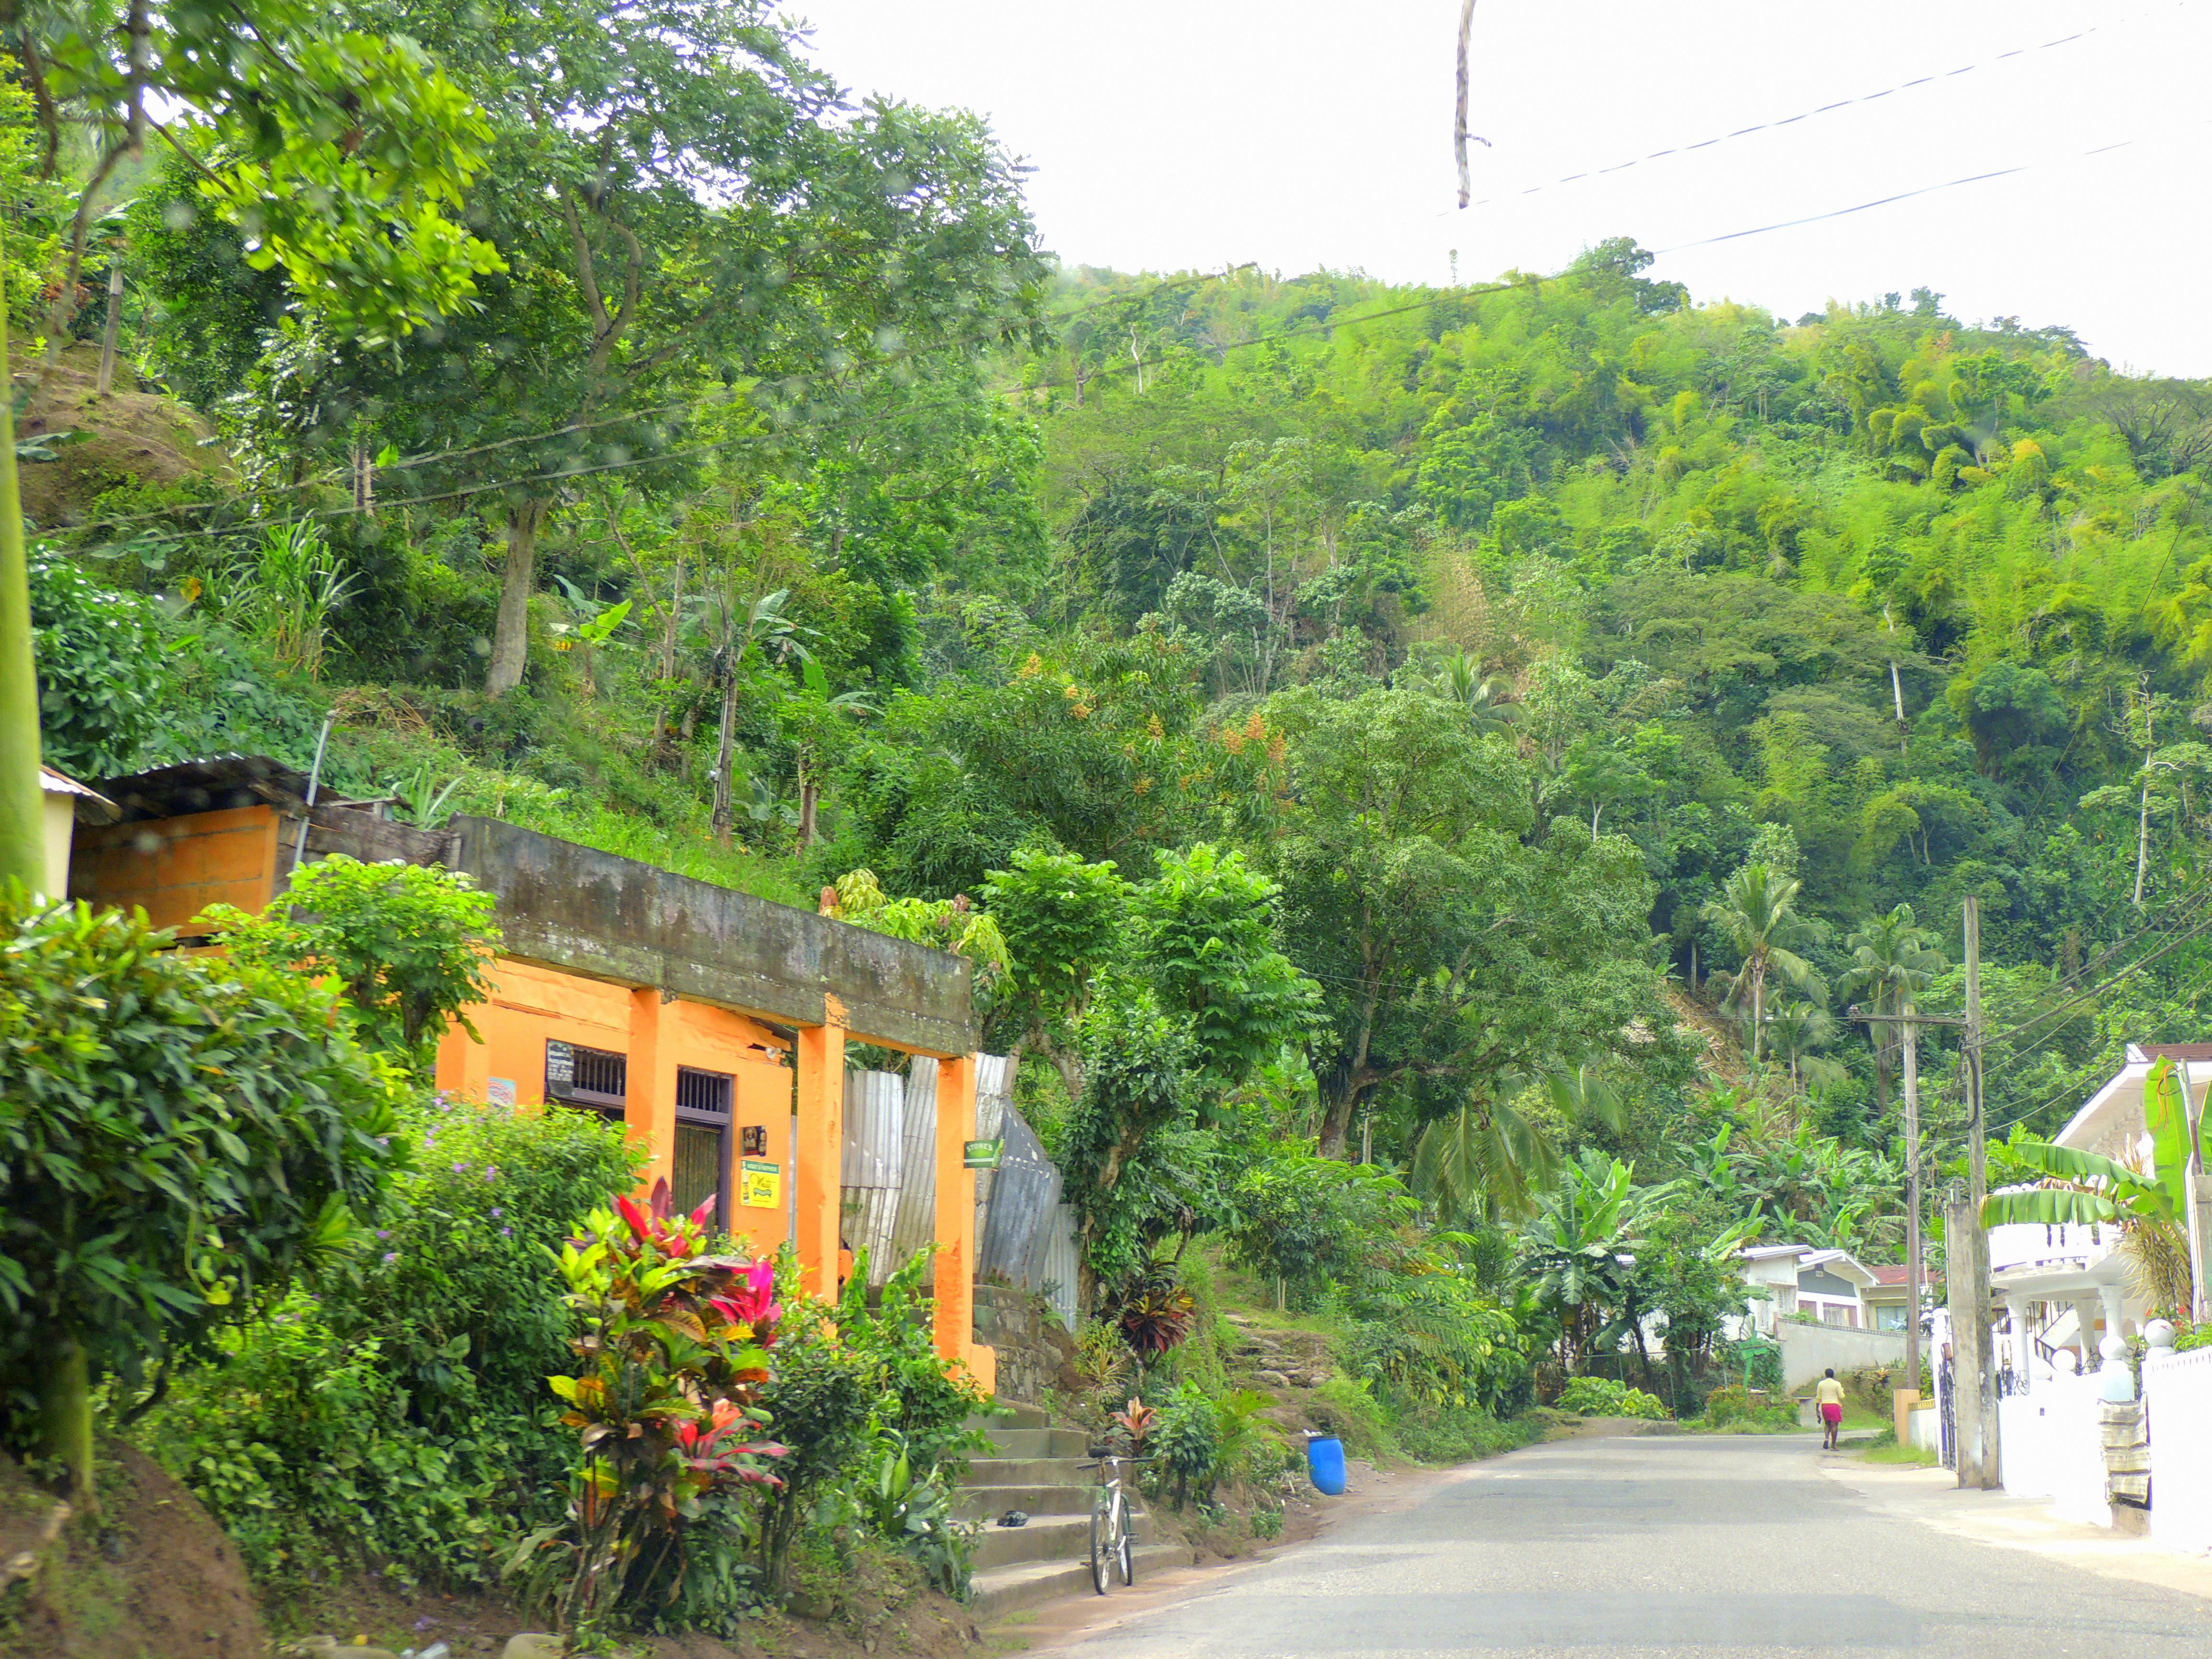 Jamaica road